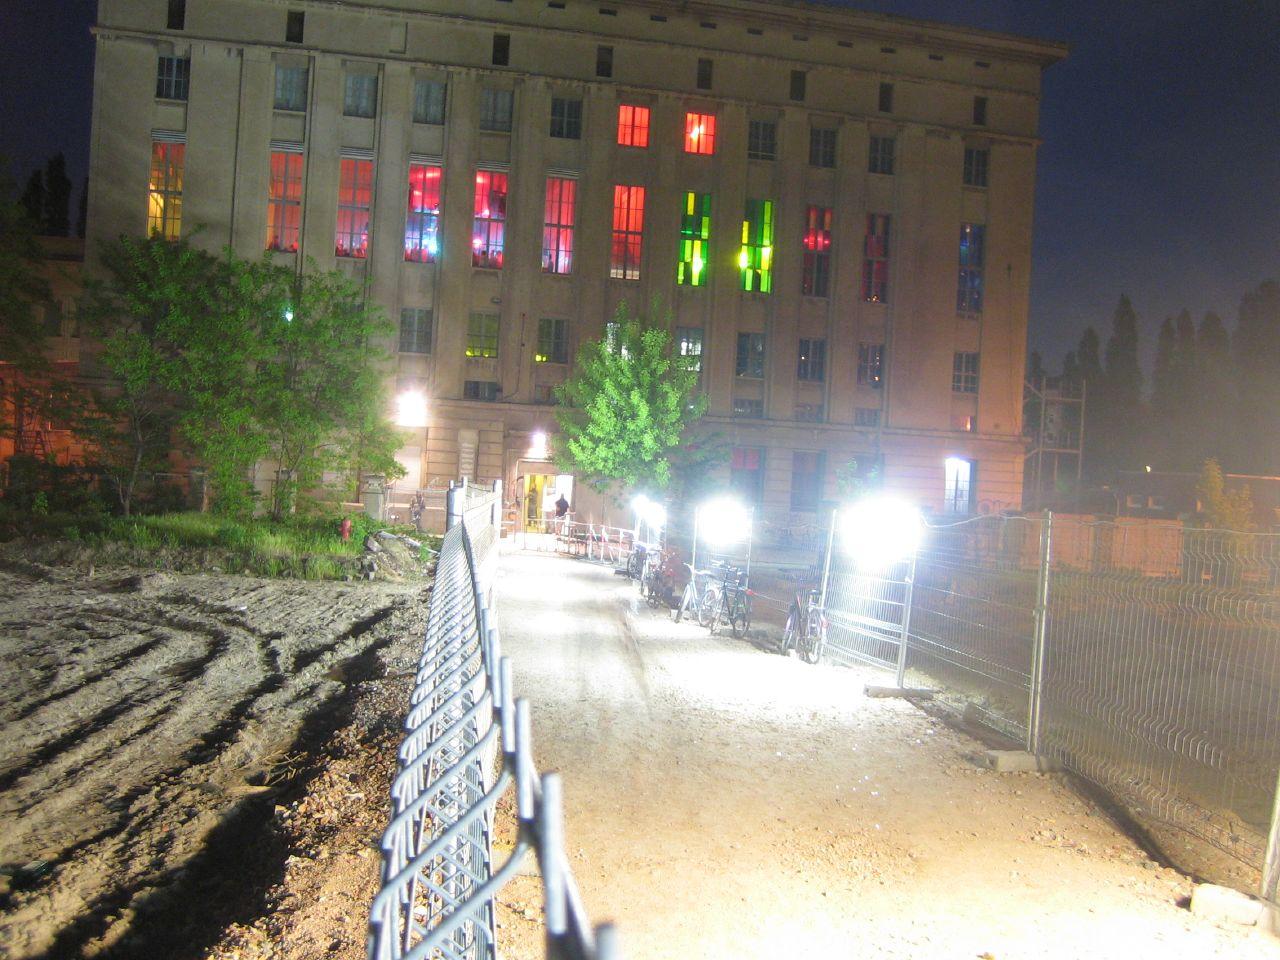 Berghain at night.jpg